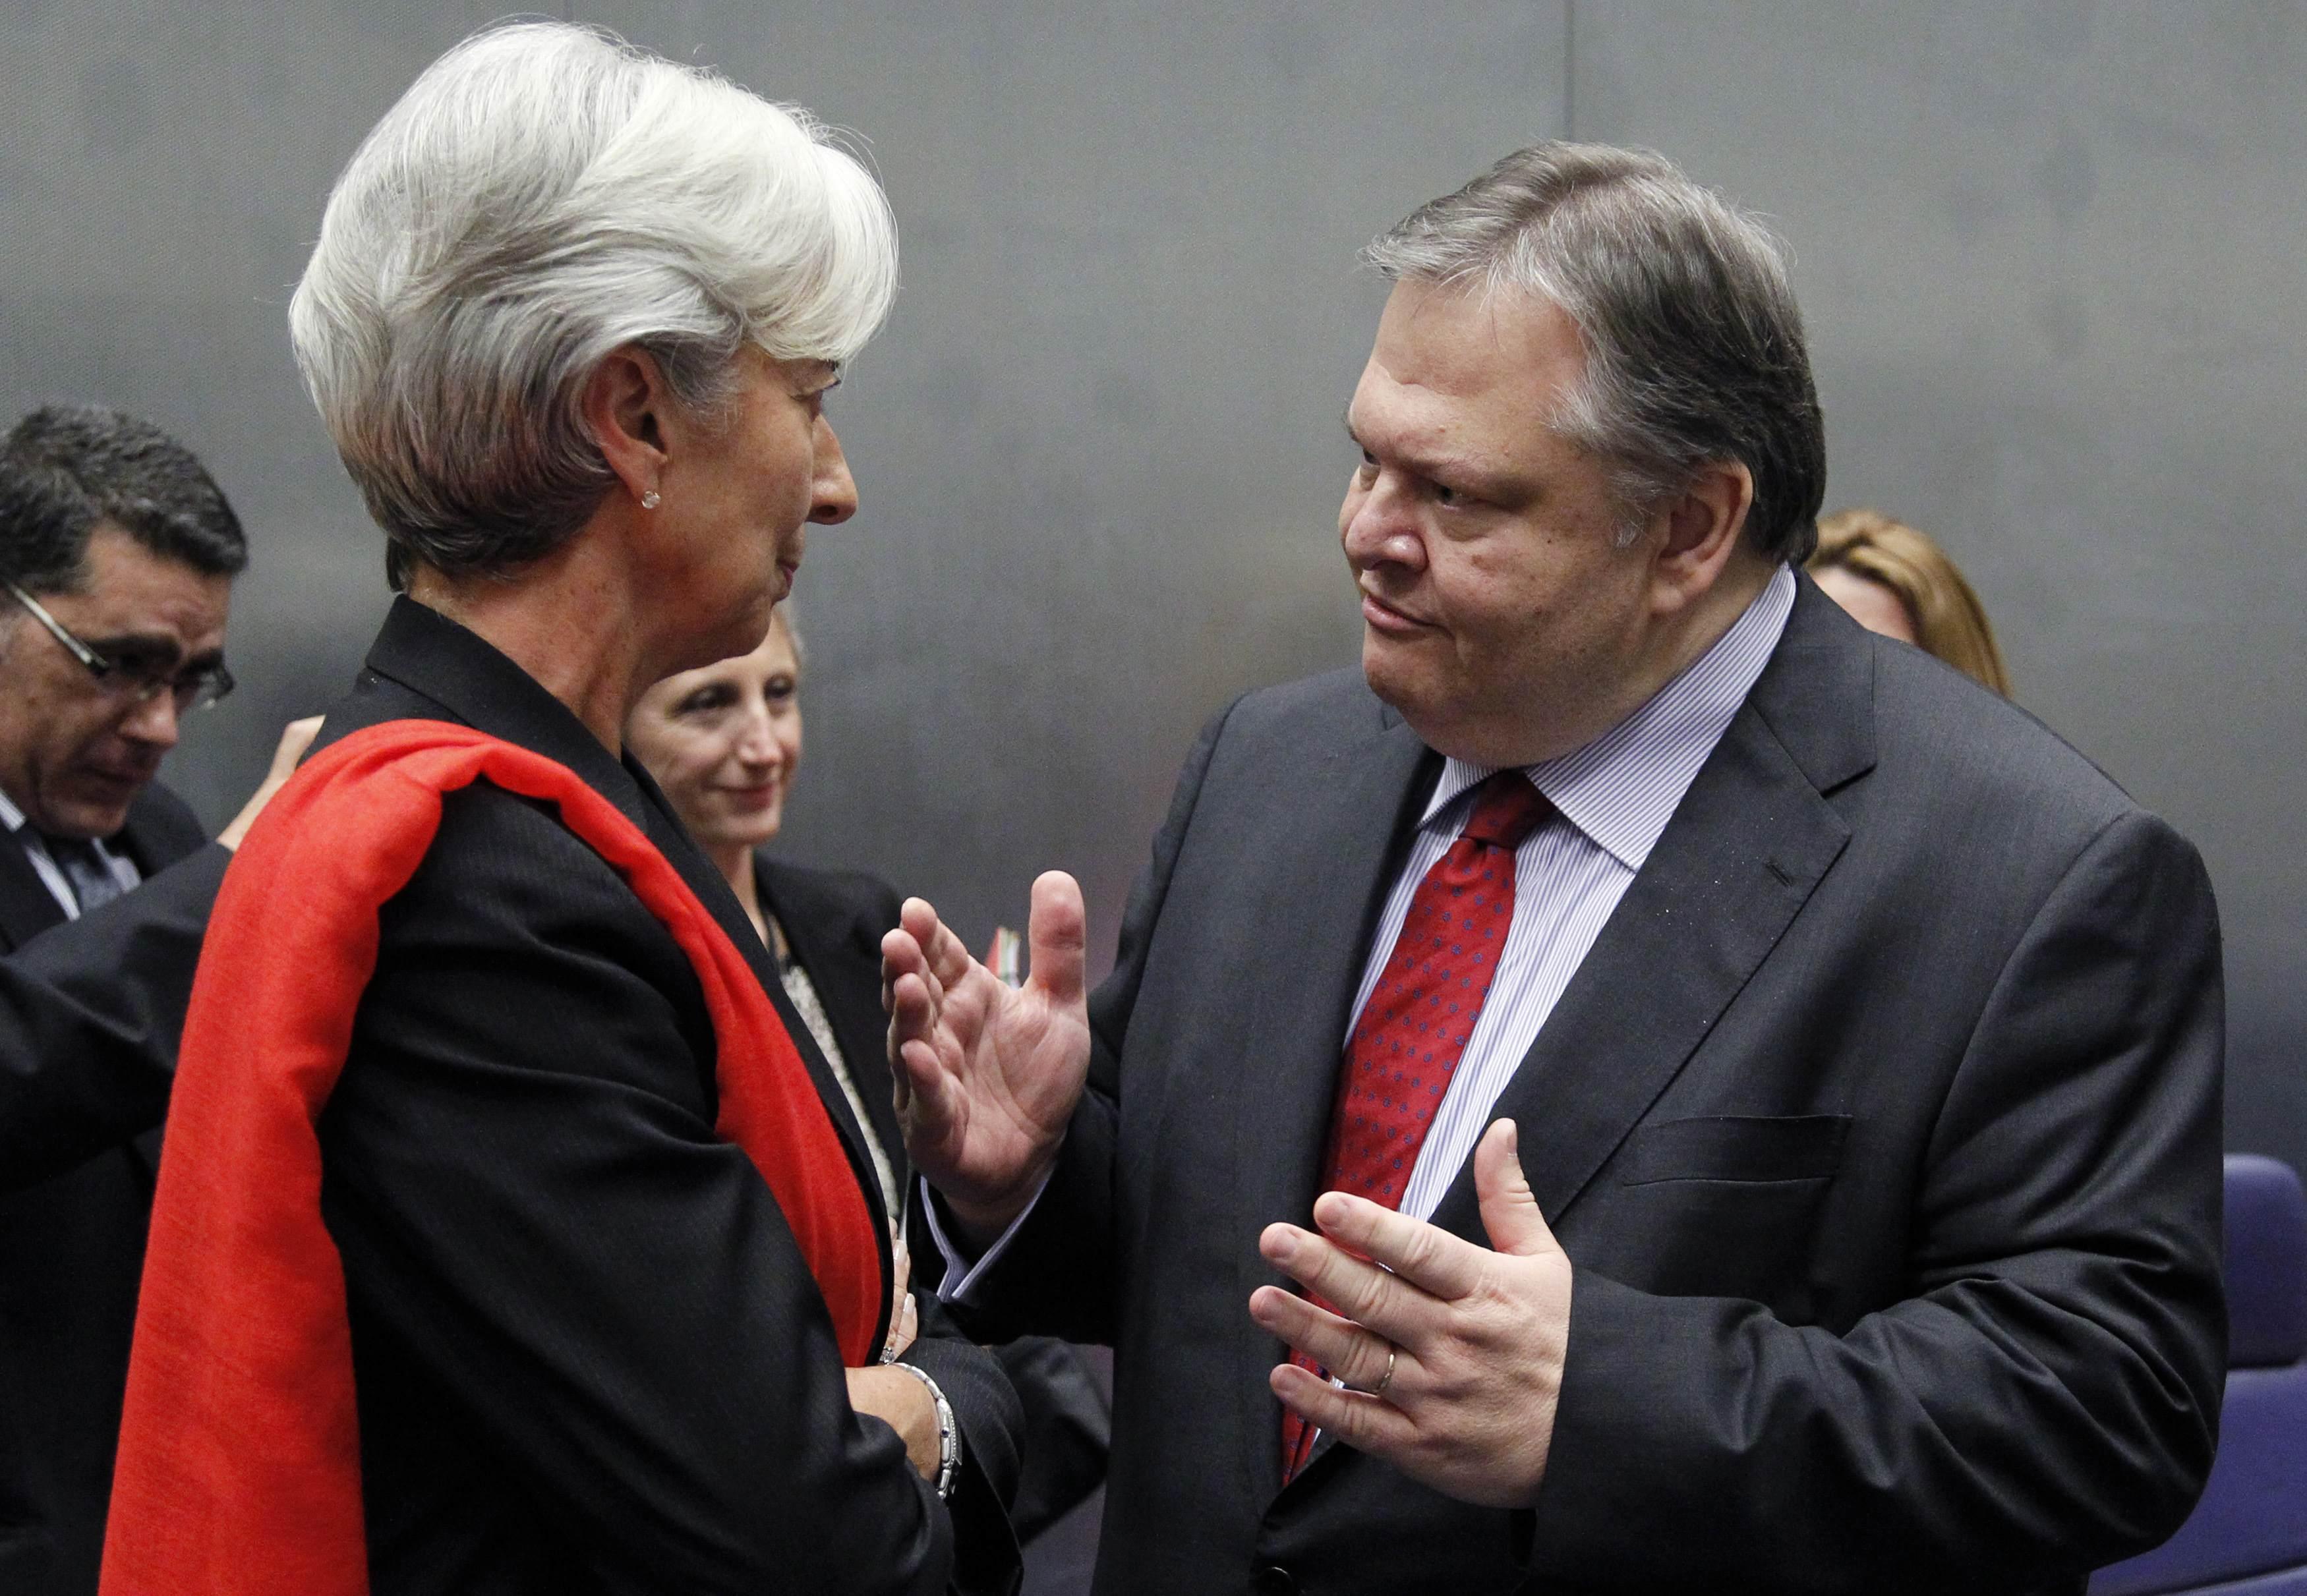 """""""Κριστίν μου τώρα που θα πας στο ΔΝΤ θα μας δώσεις ένα δάνει τοοοσο μεγάλο χωρίς πρόβλημα;"""" ΦΩΤΟ REUTERS"""